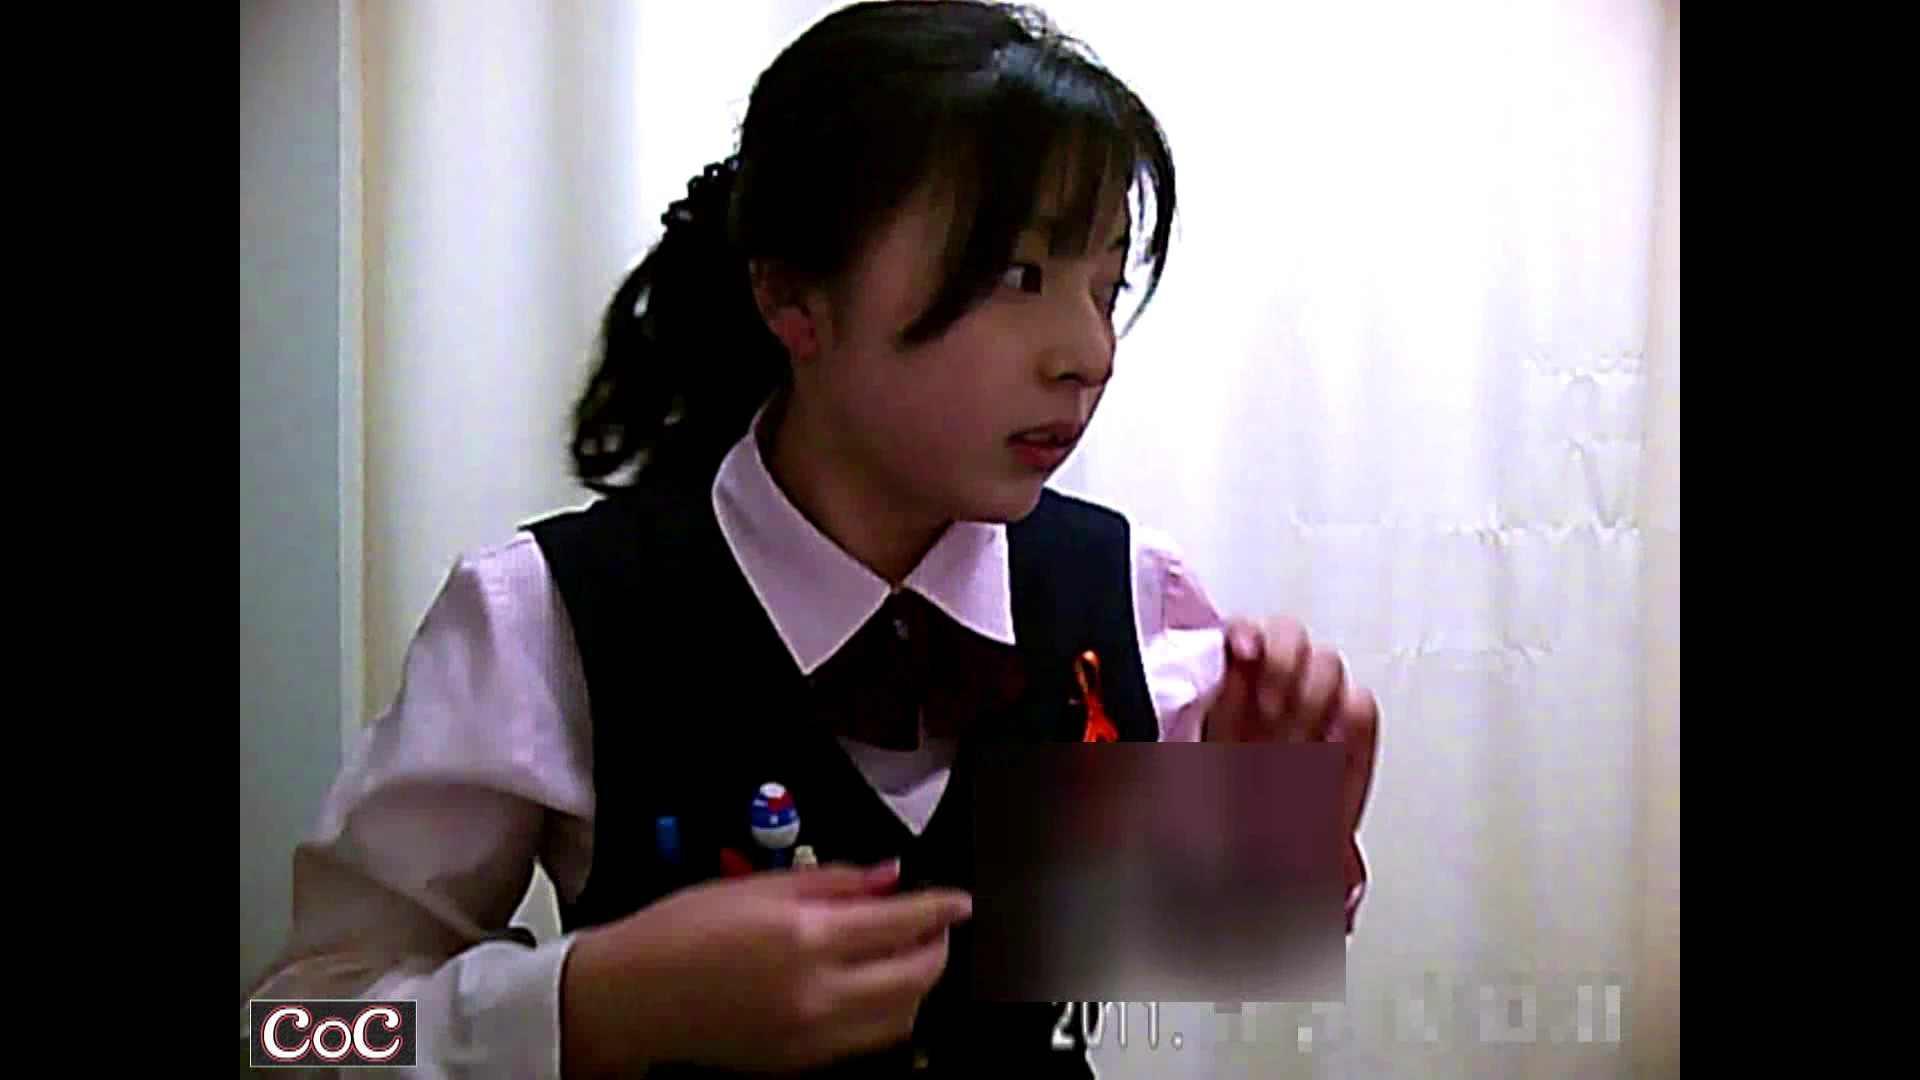 元医者による反抗 更衣室地獄絵巻 vol.197 OL   0  91連発 46